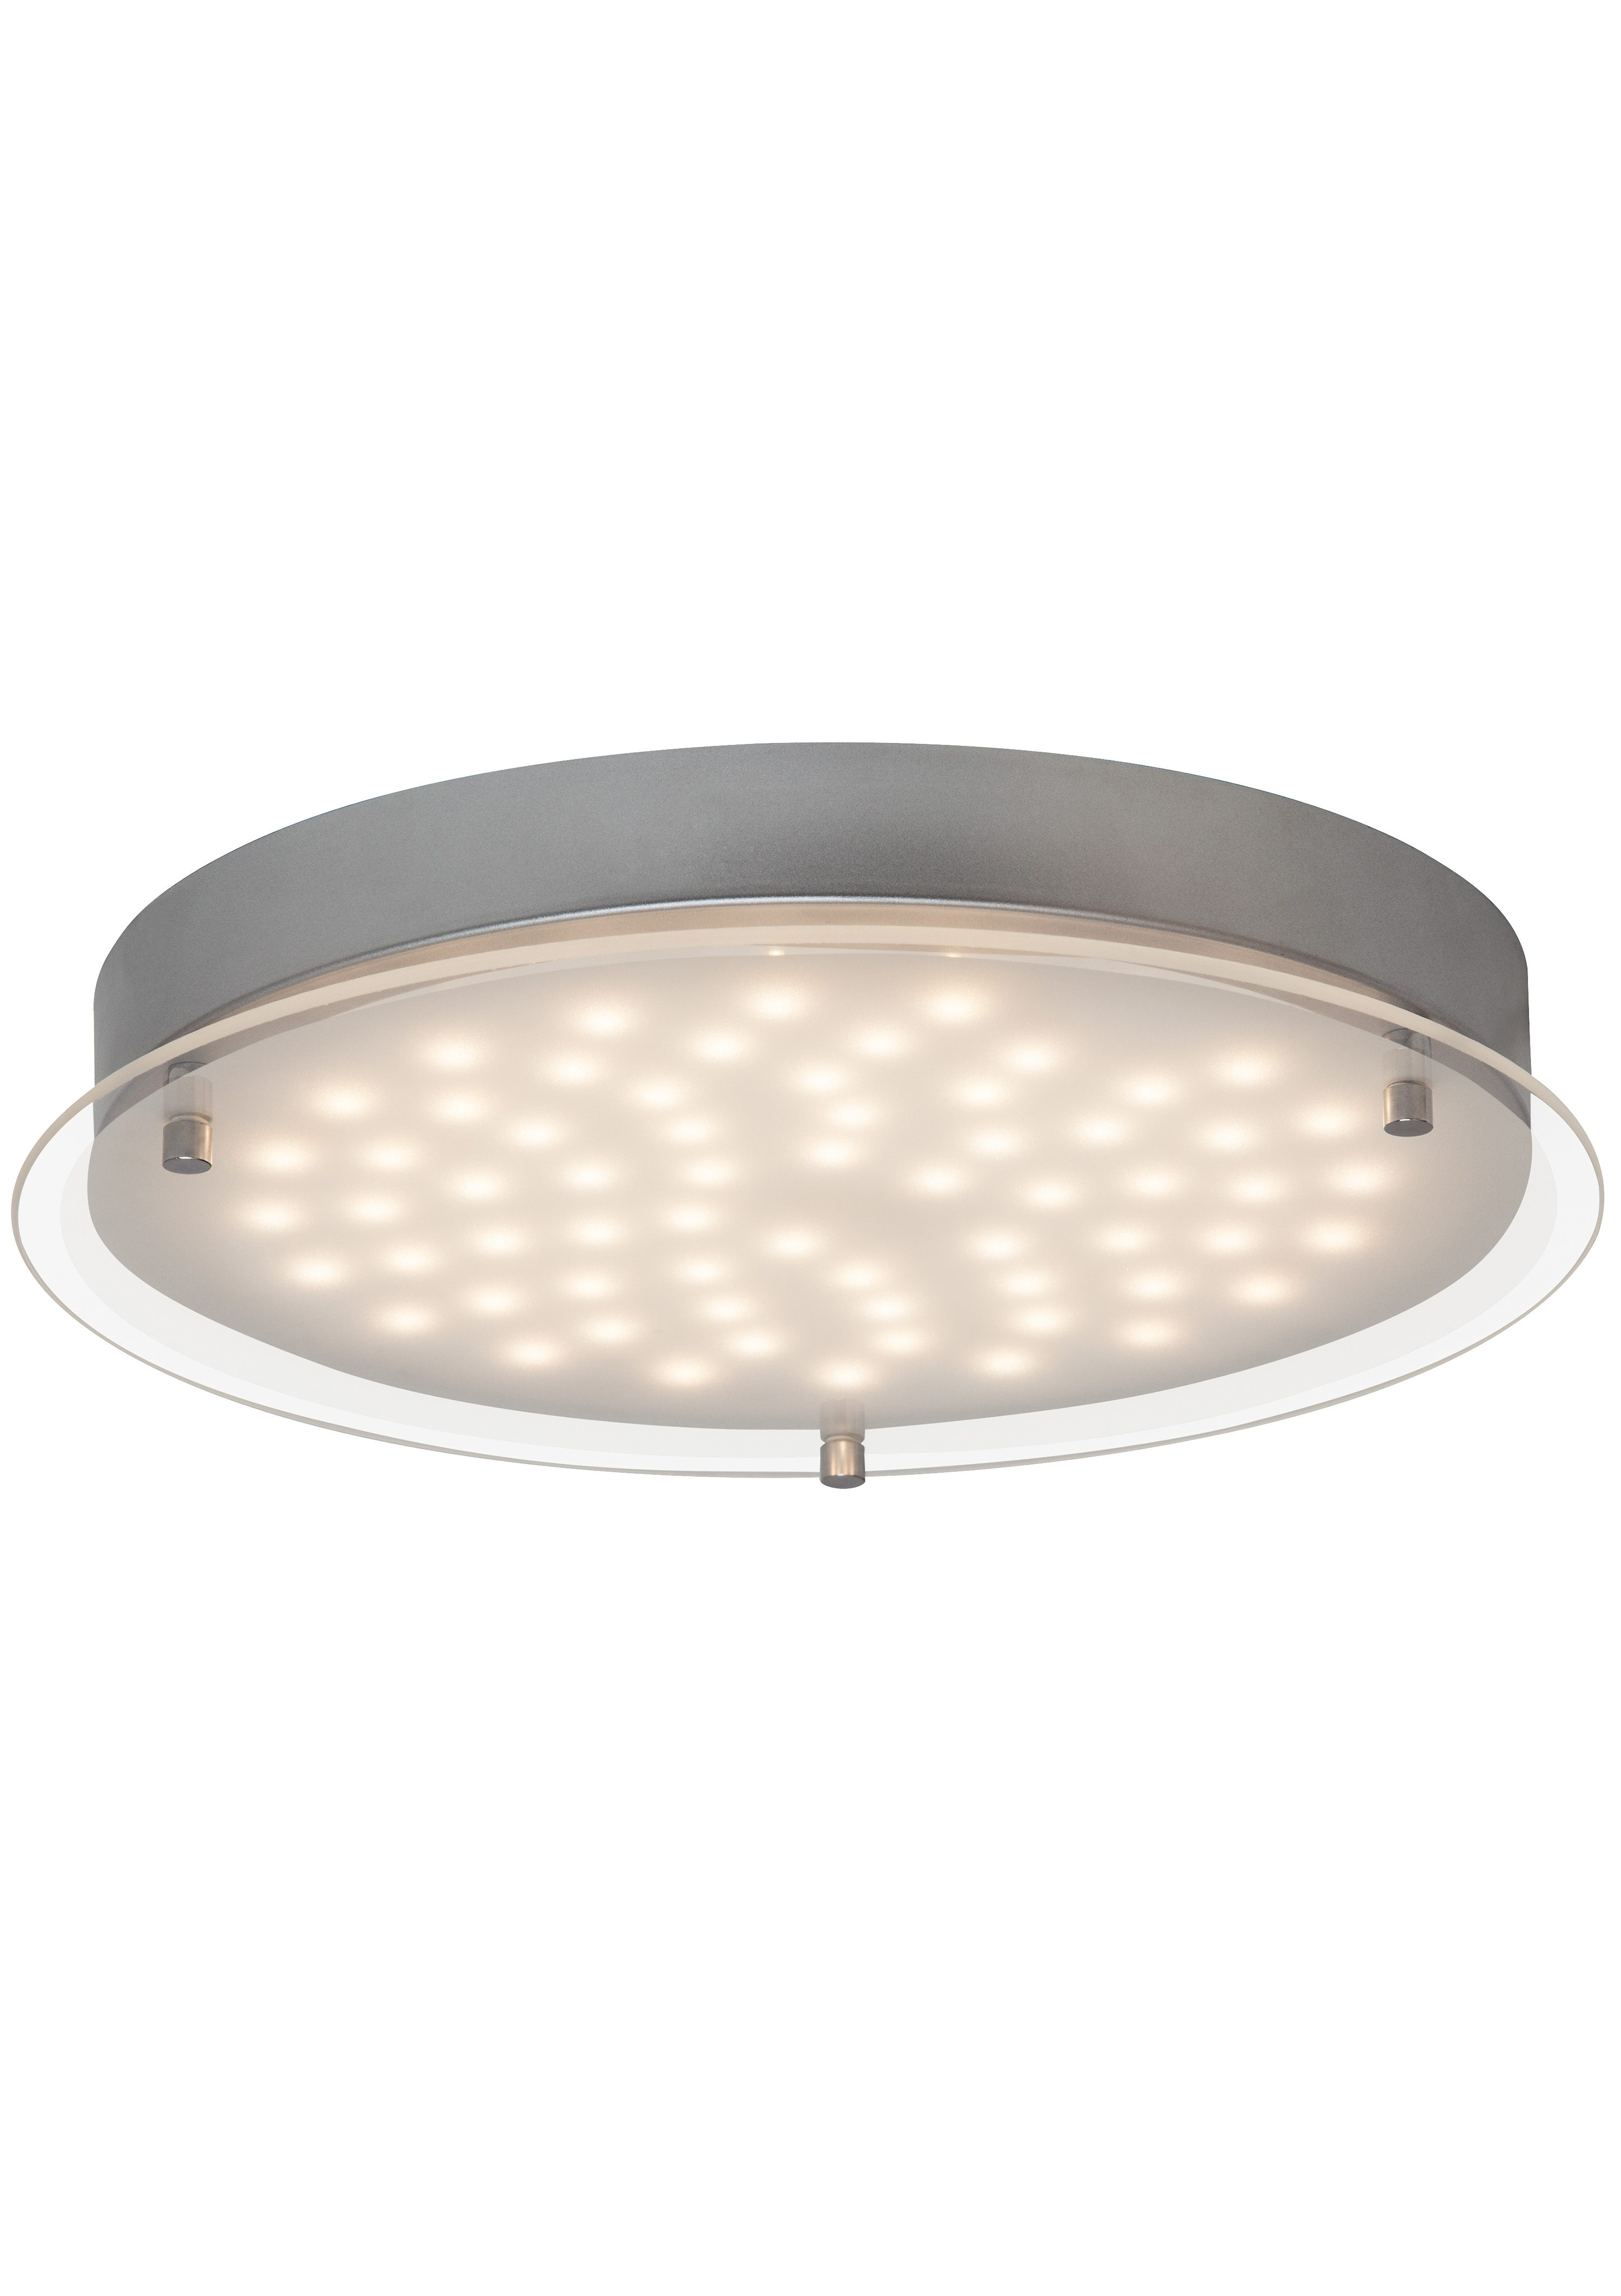 Brilliant Deckenleuchte, inkl. LED-Leuchtmittel